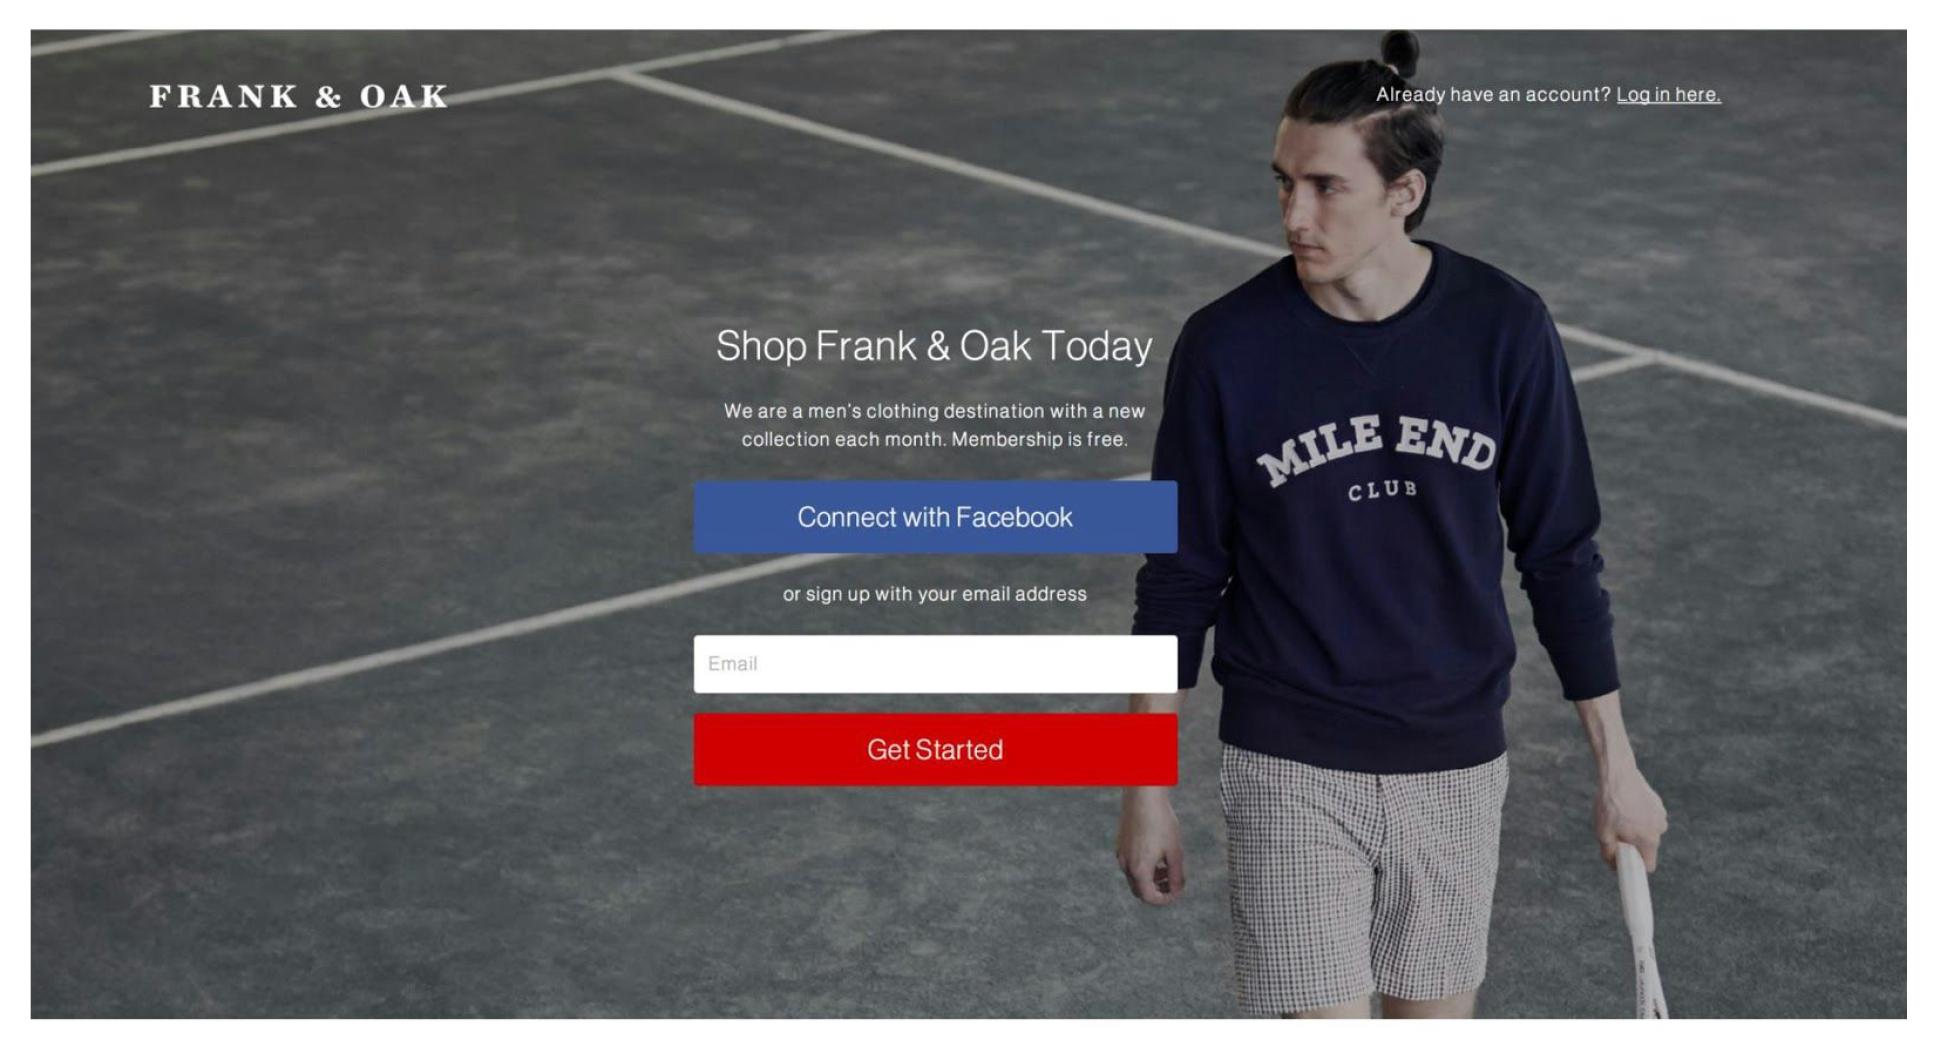 Shop Frank & Oak Today — «Покупайте товары Frank & Oak сегодня